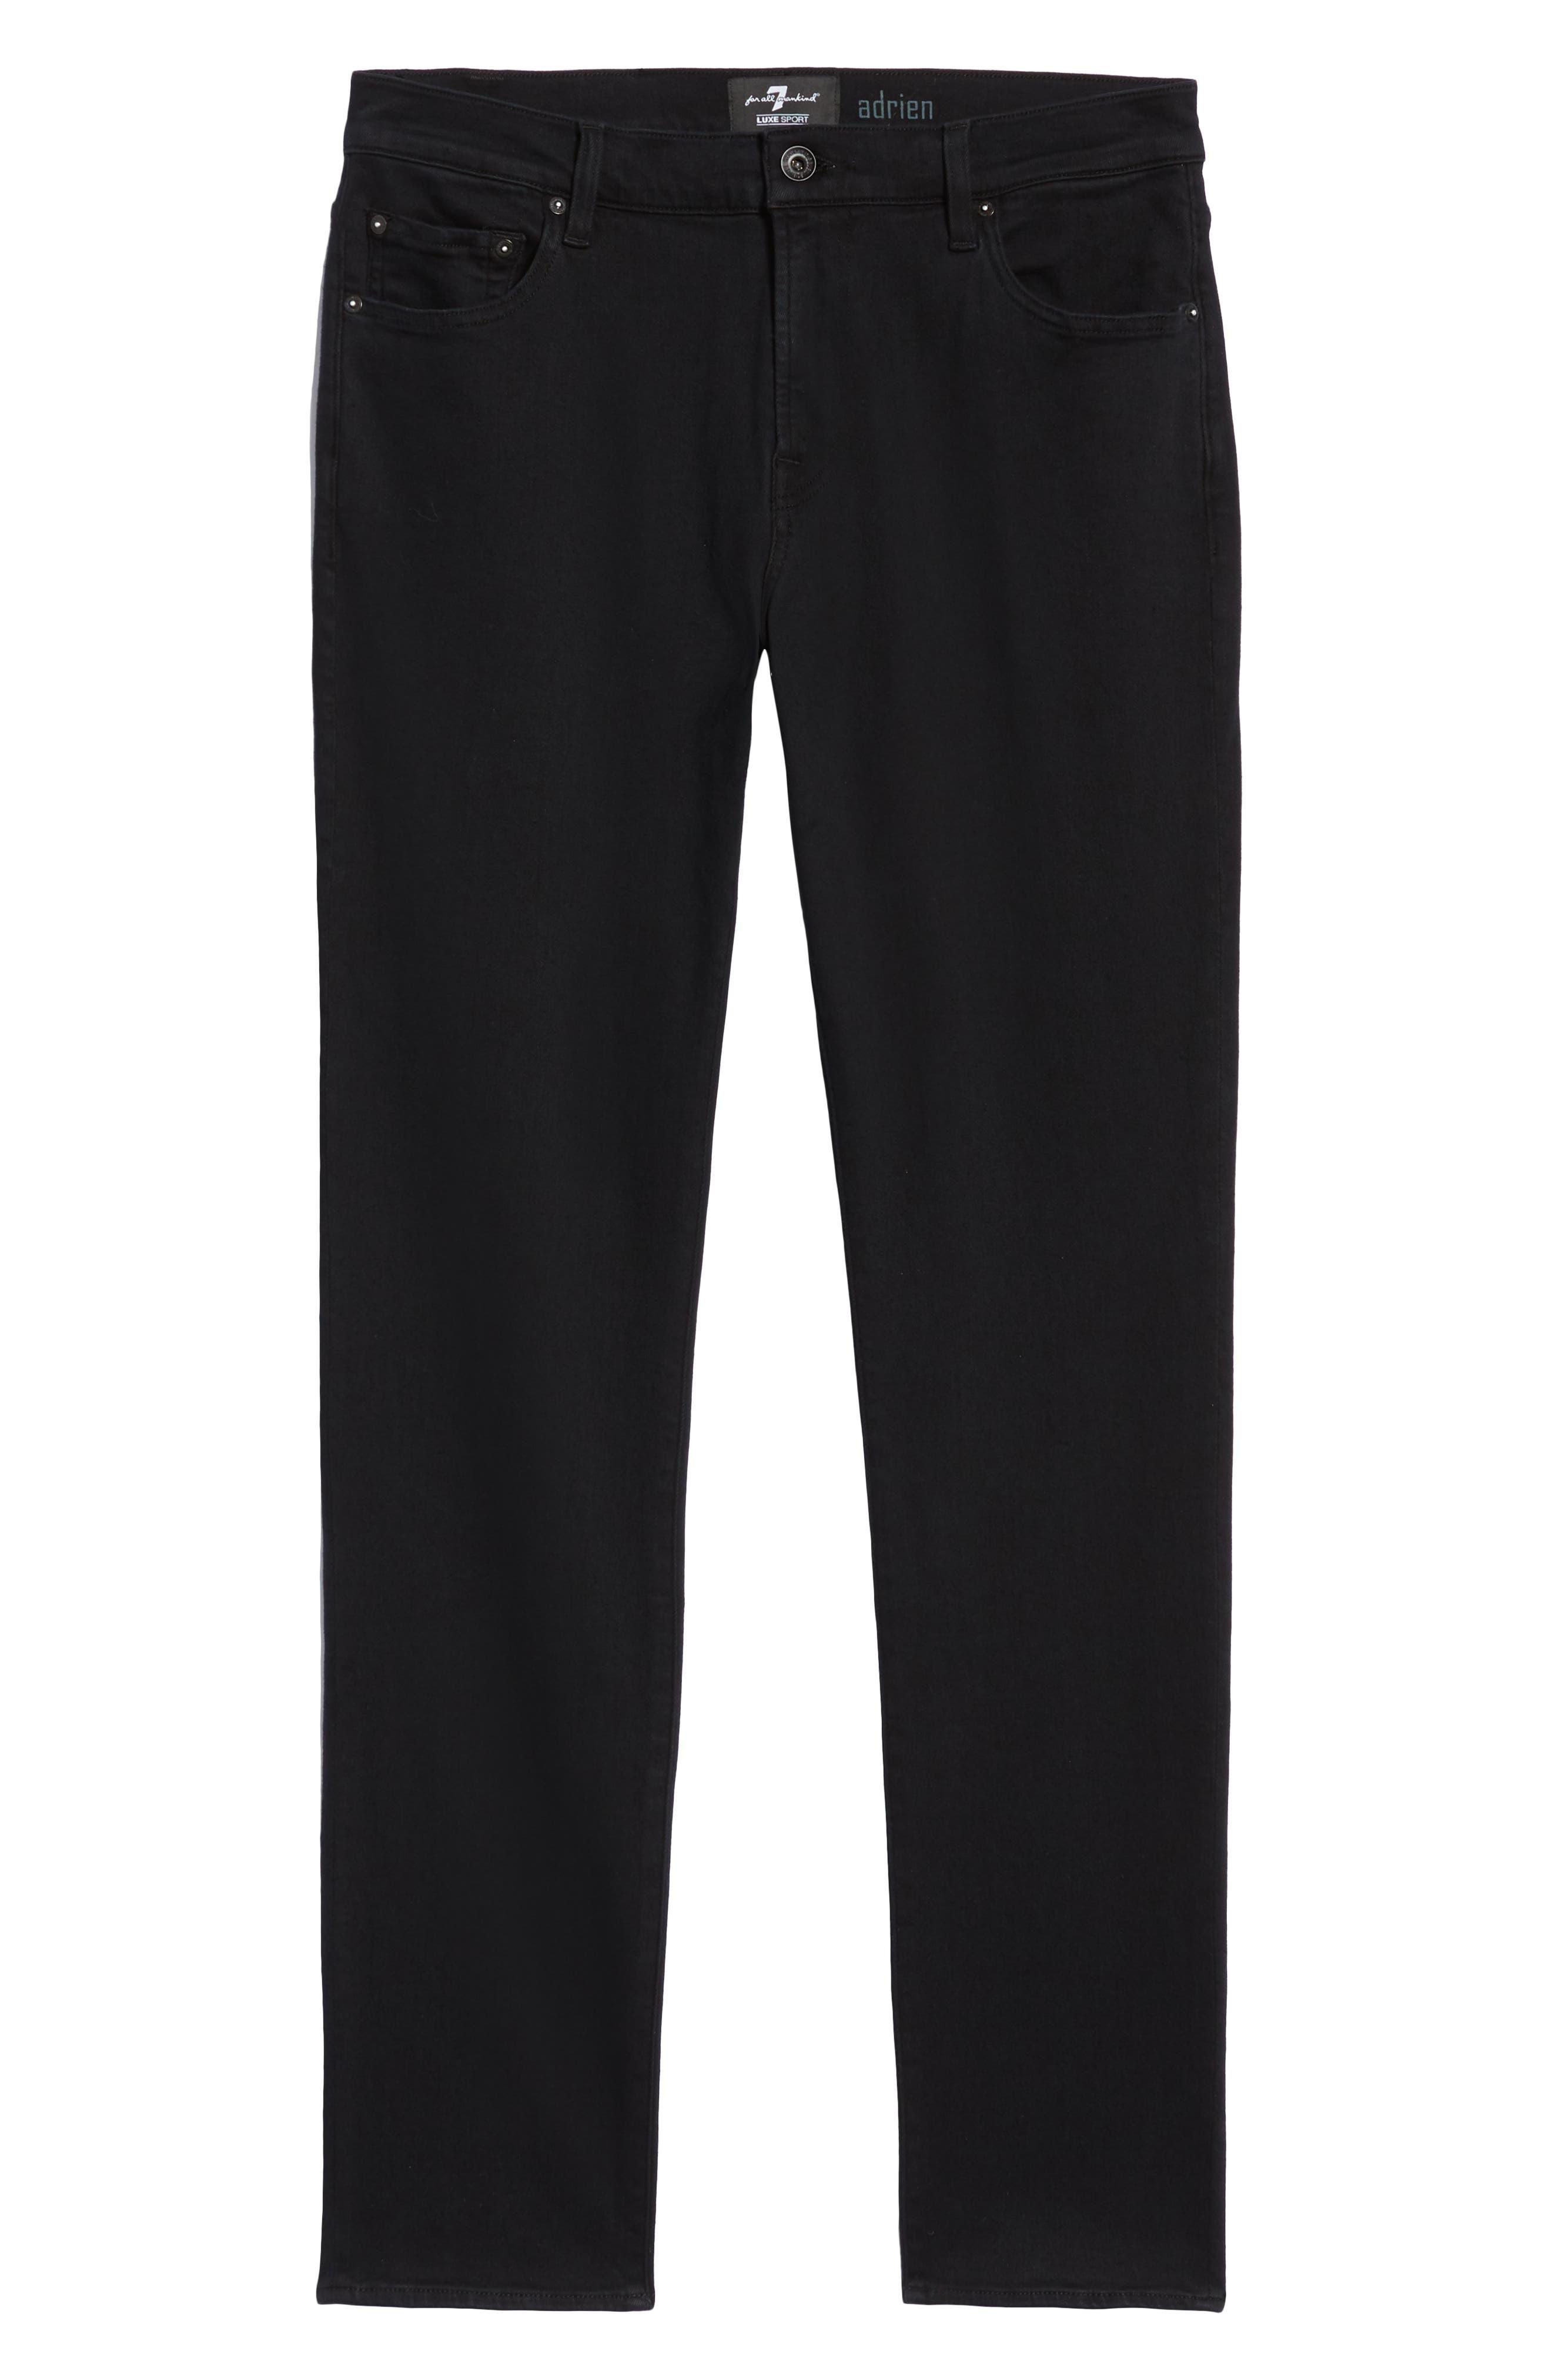 Adrien Slim Fit Straight Leg Jeans,                             Alternate thumbnail 6, color,                             AUTHENTIC BLACK